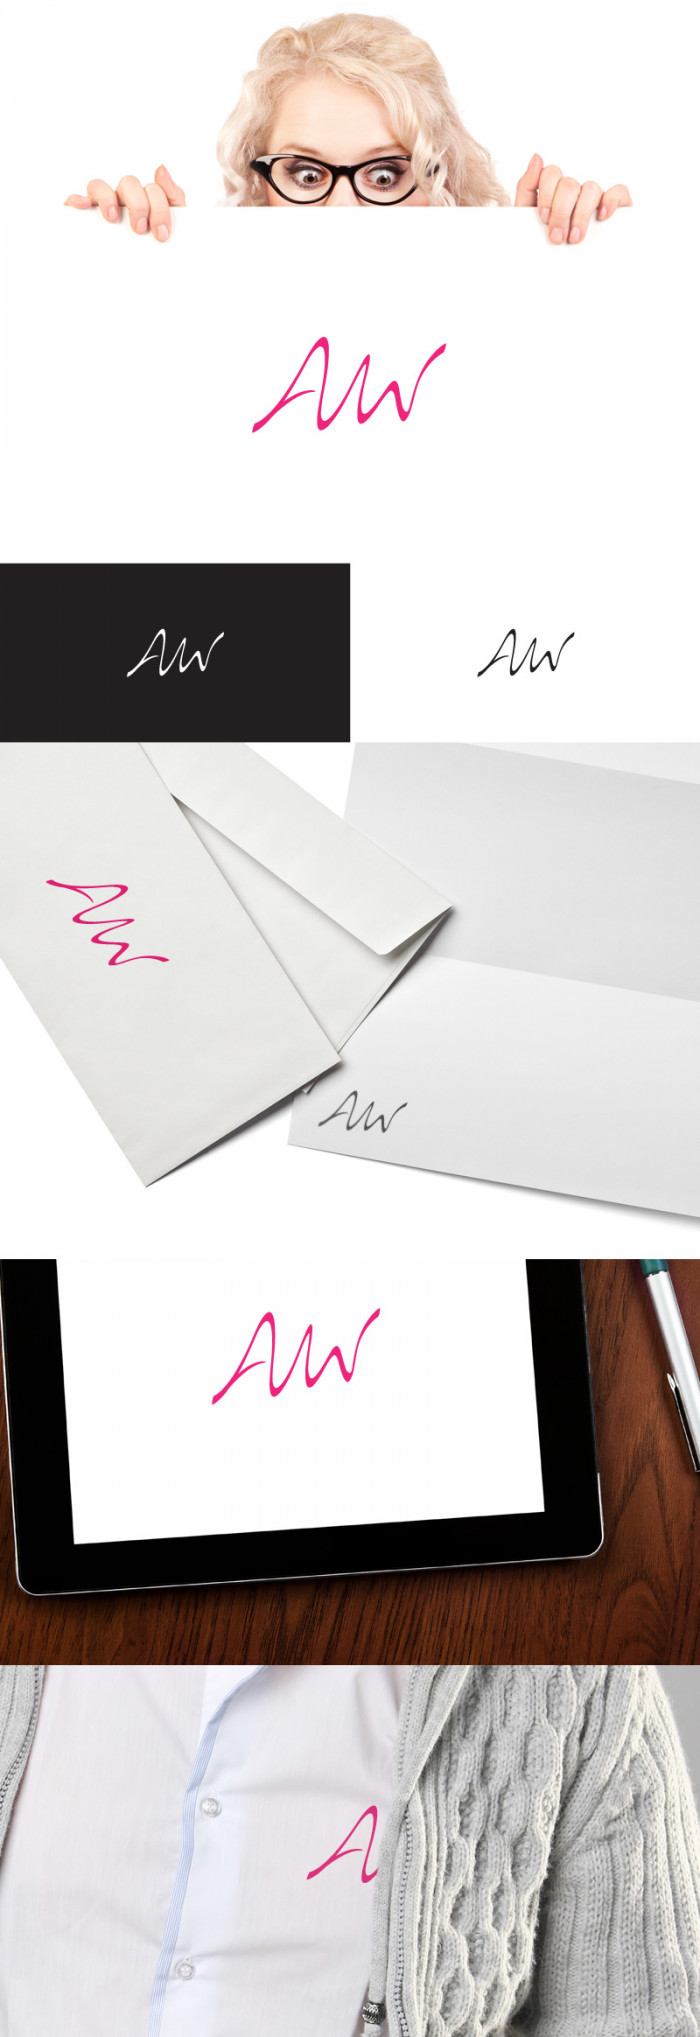 13 Tworzymy prezentacje logo z wykorzystaniem obiektow inteligentnych